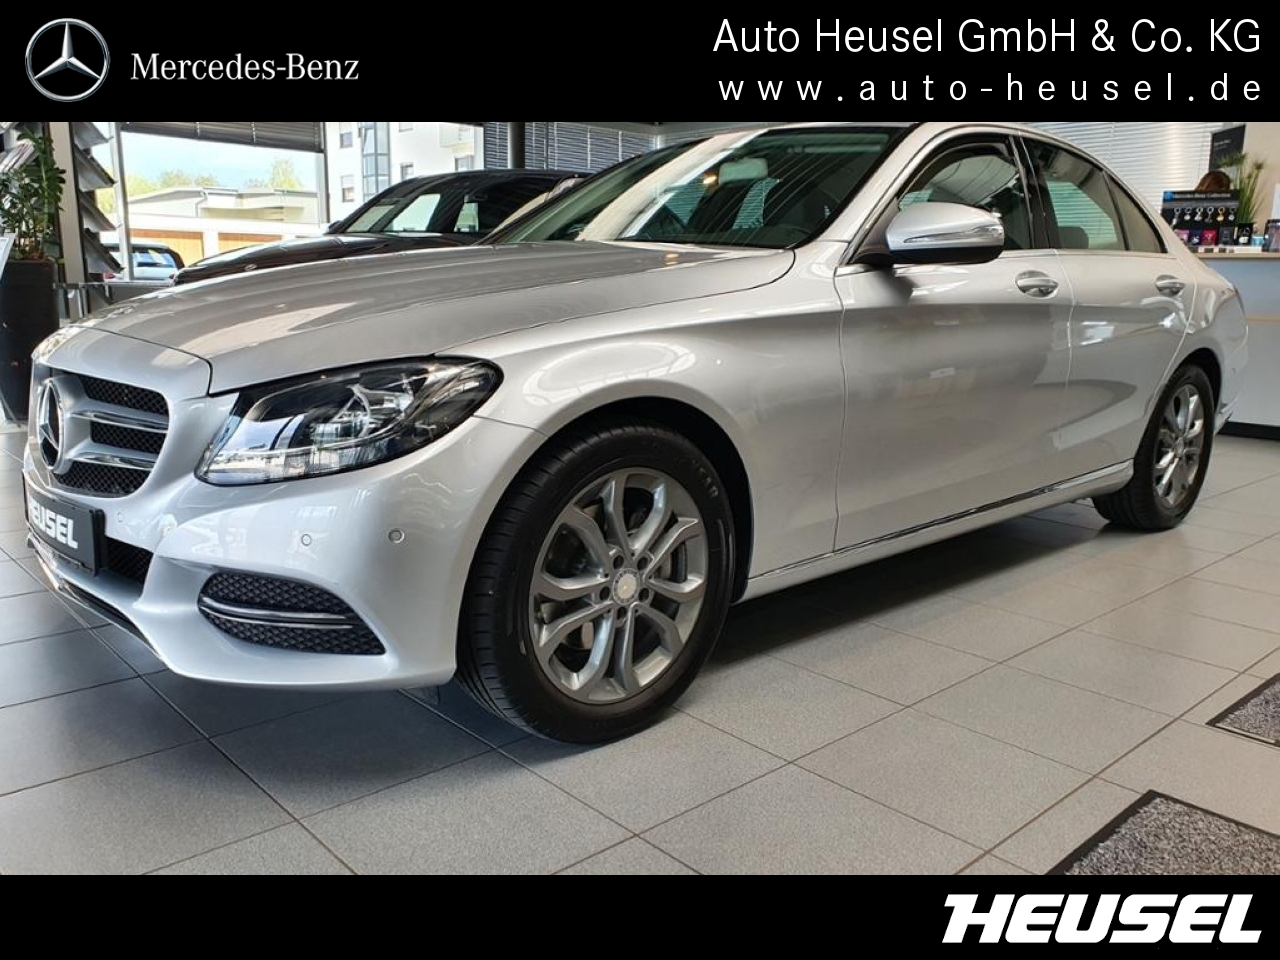 Mercedes-Benz C 200 Avantgarde *AHK*Navi*PTS*SHZ*Tempomat*, Jahr 2014, Benzin